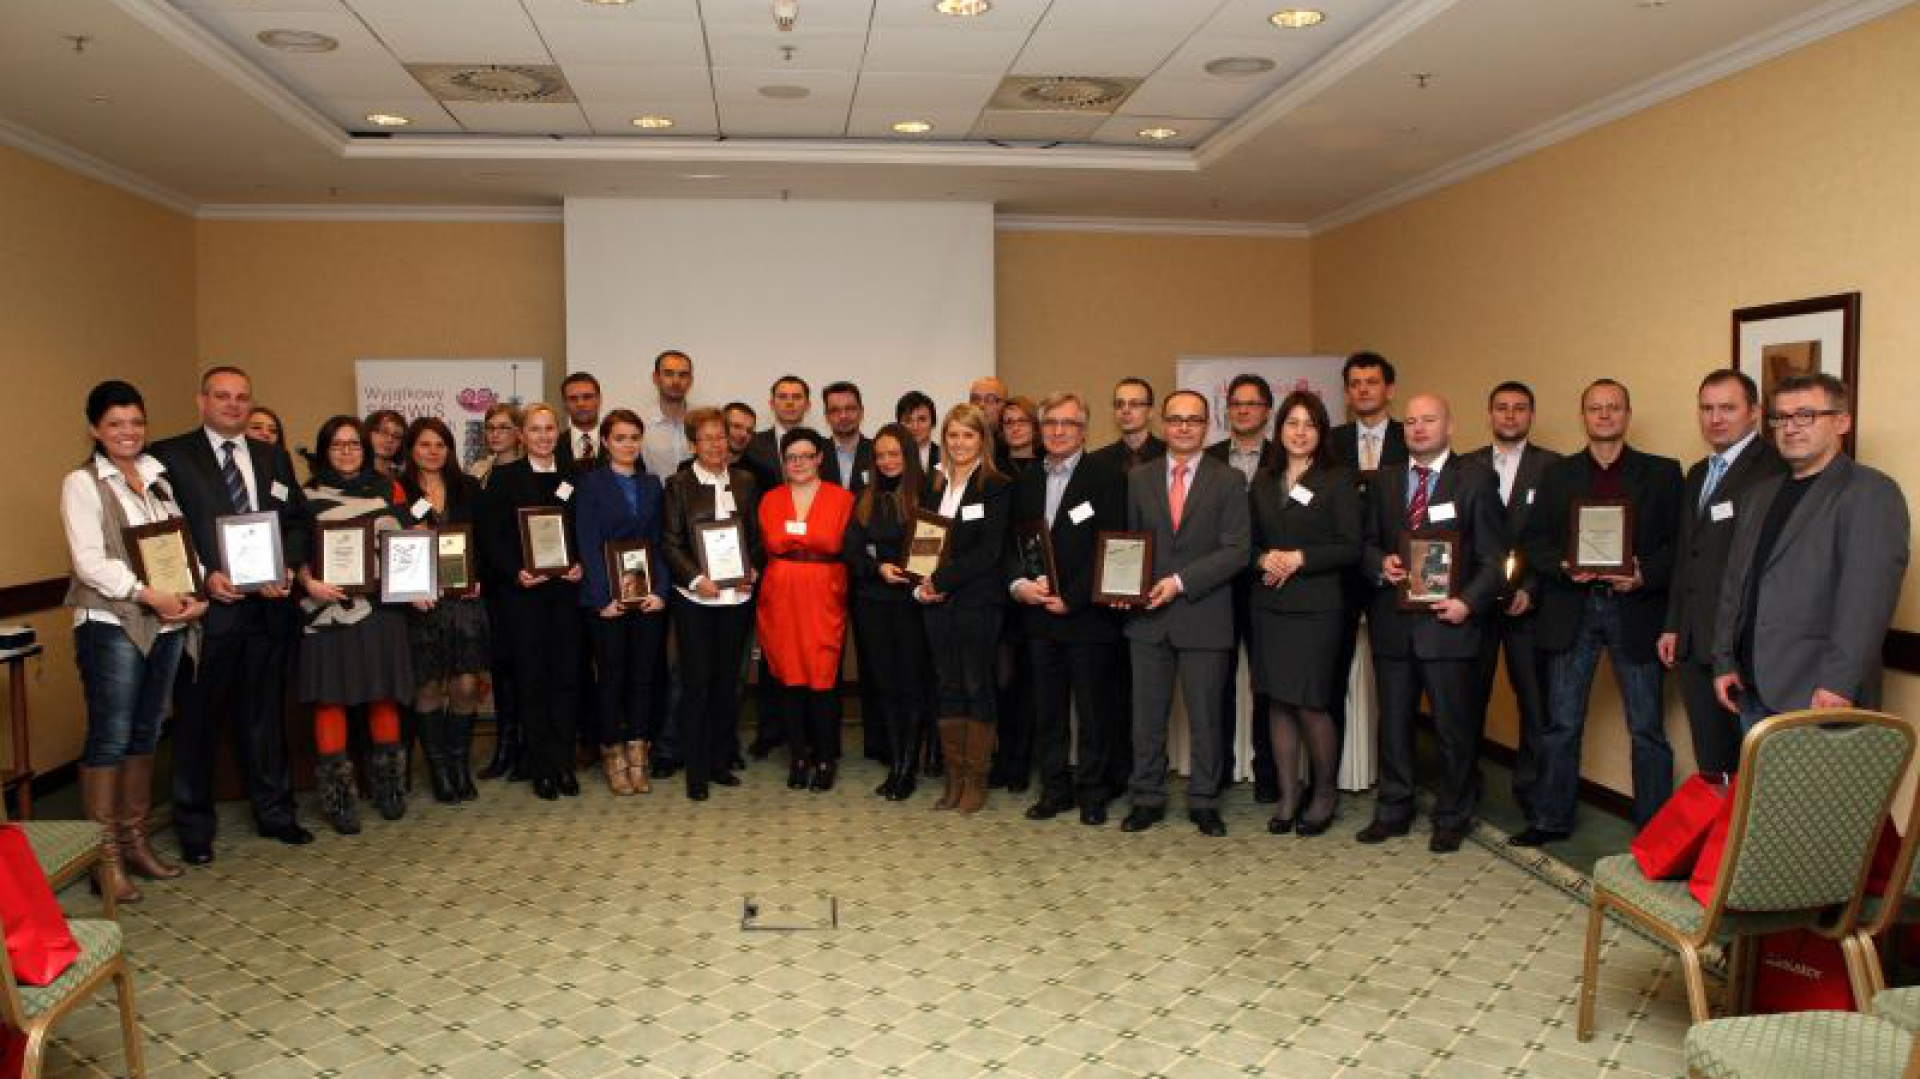 Nagrody odebrali osobiście prawie wszyscy nagrodzeni w konkursie Dobry Design. Na zdjęciu w towarzystwie przedstawicieli jury i redaktor naczelnej Dobrze Mieszkaj. Fot. Bartosz Jarosz